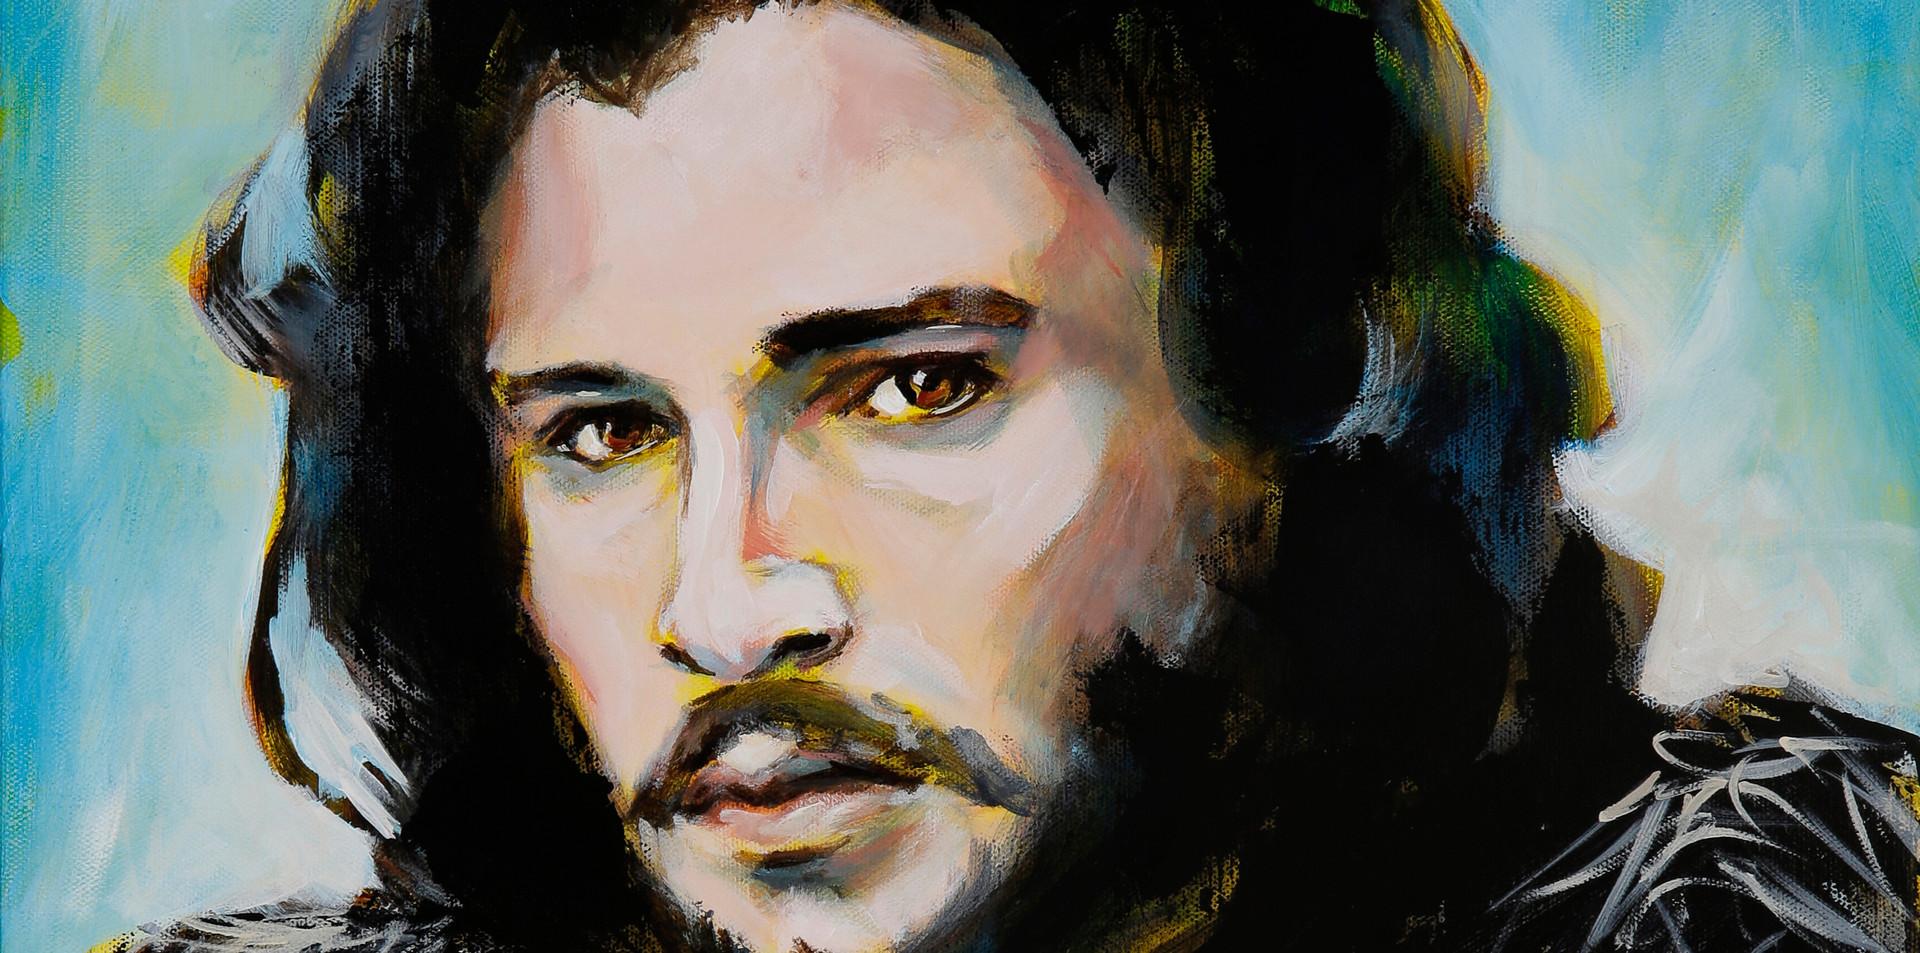 Jon's Sacred Heart